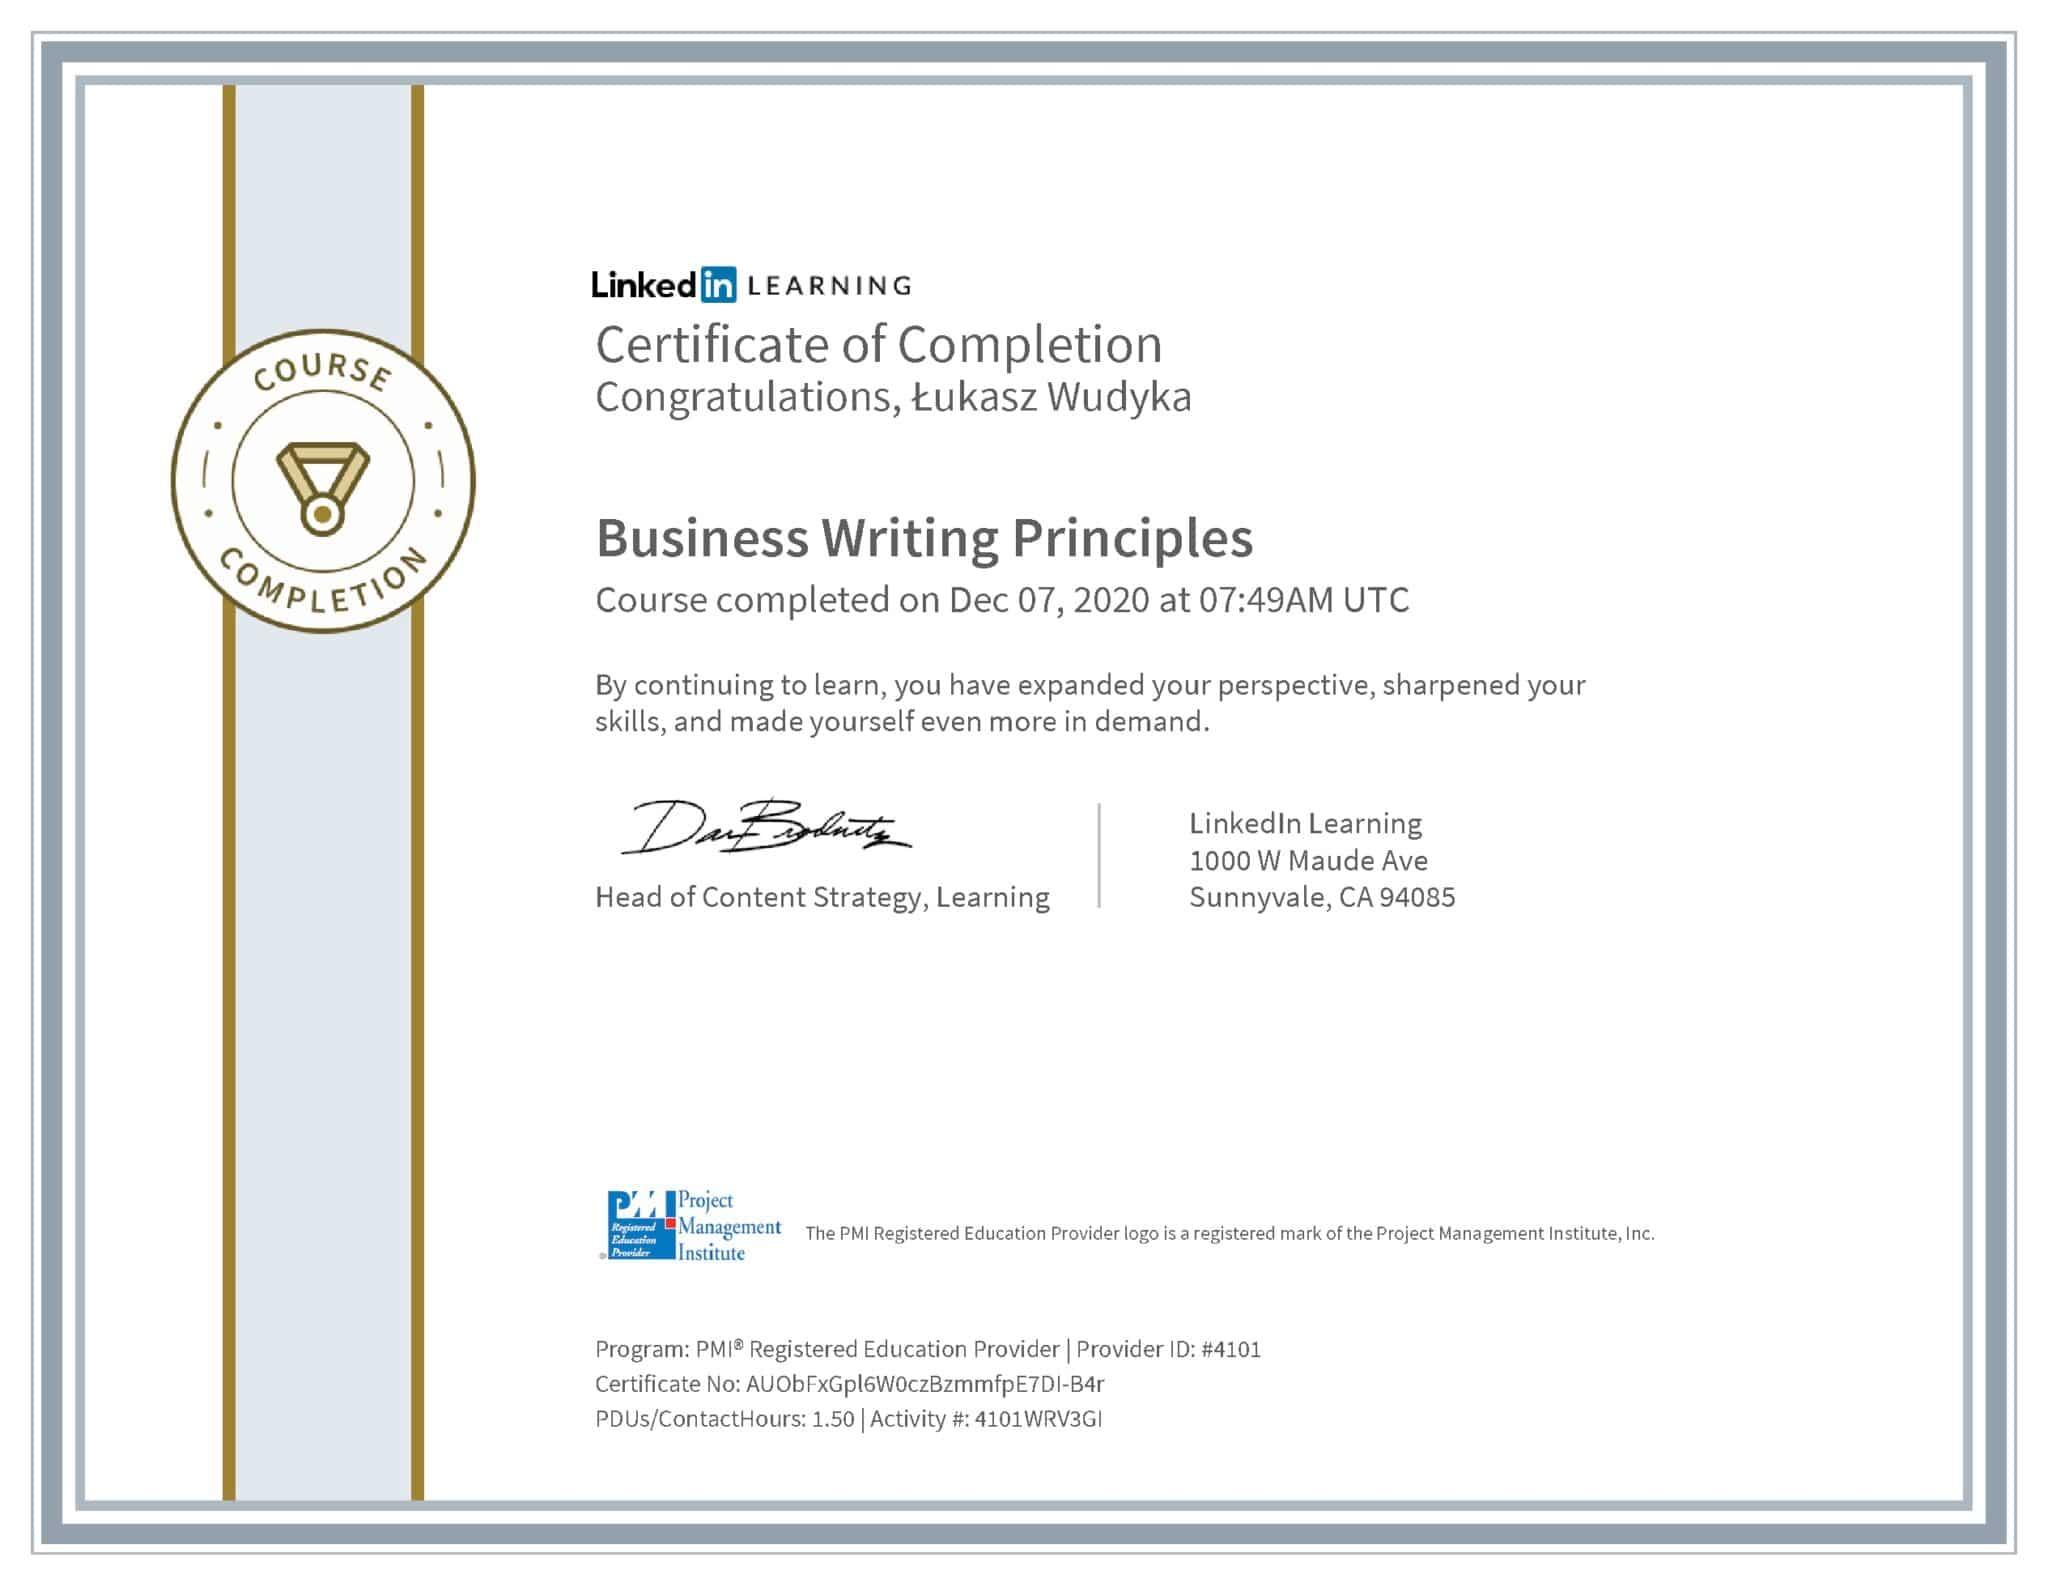 Łukasz Wudyka certyfikat LinkedIn Business Writing Principles PMI